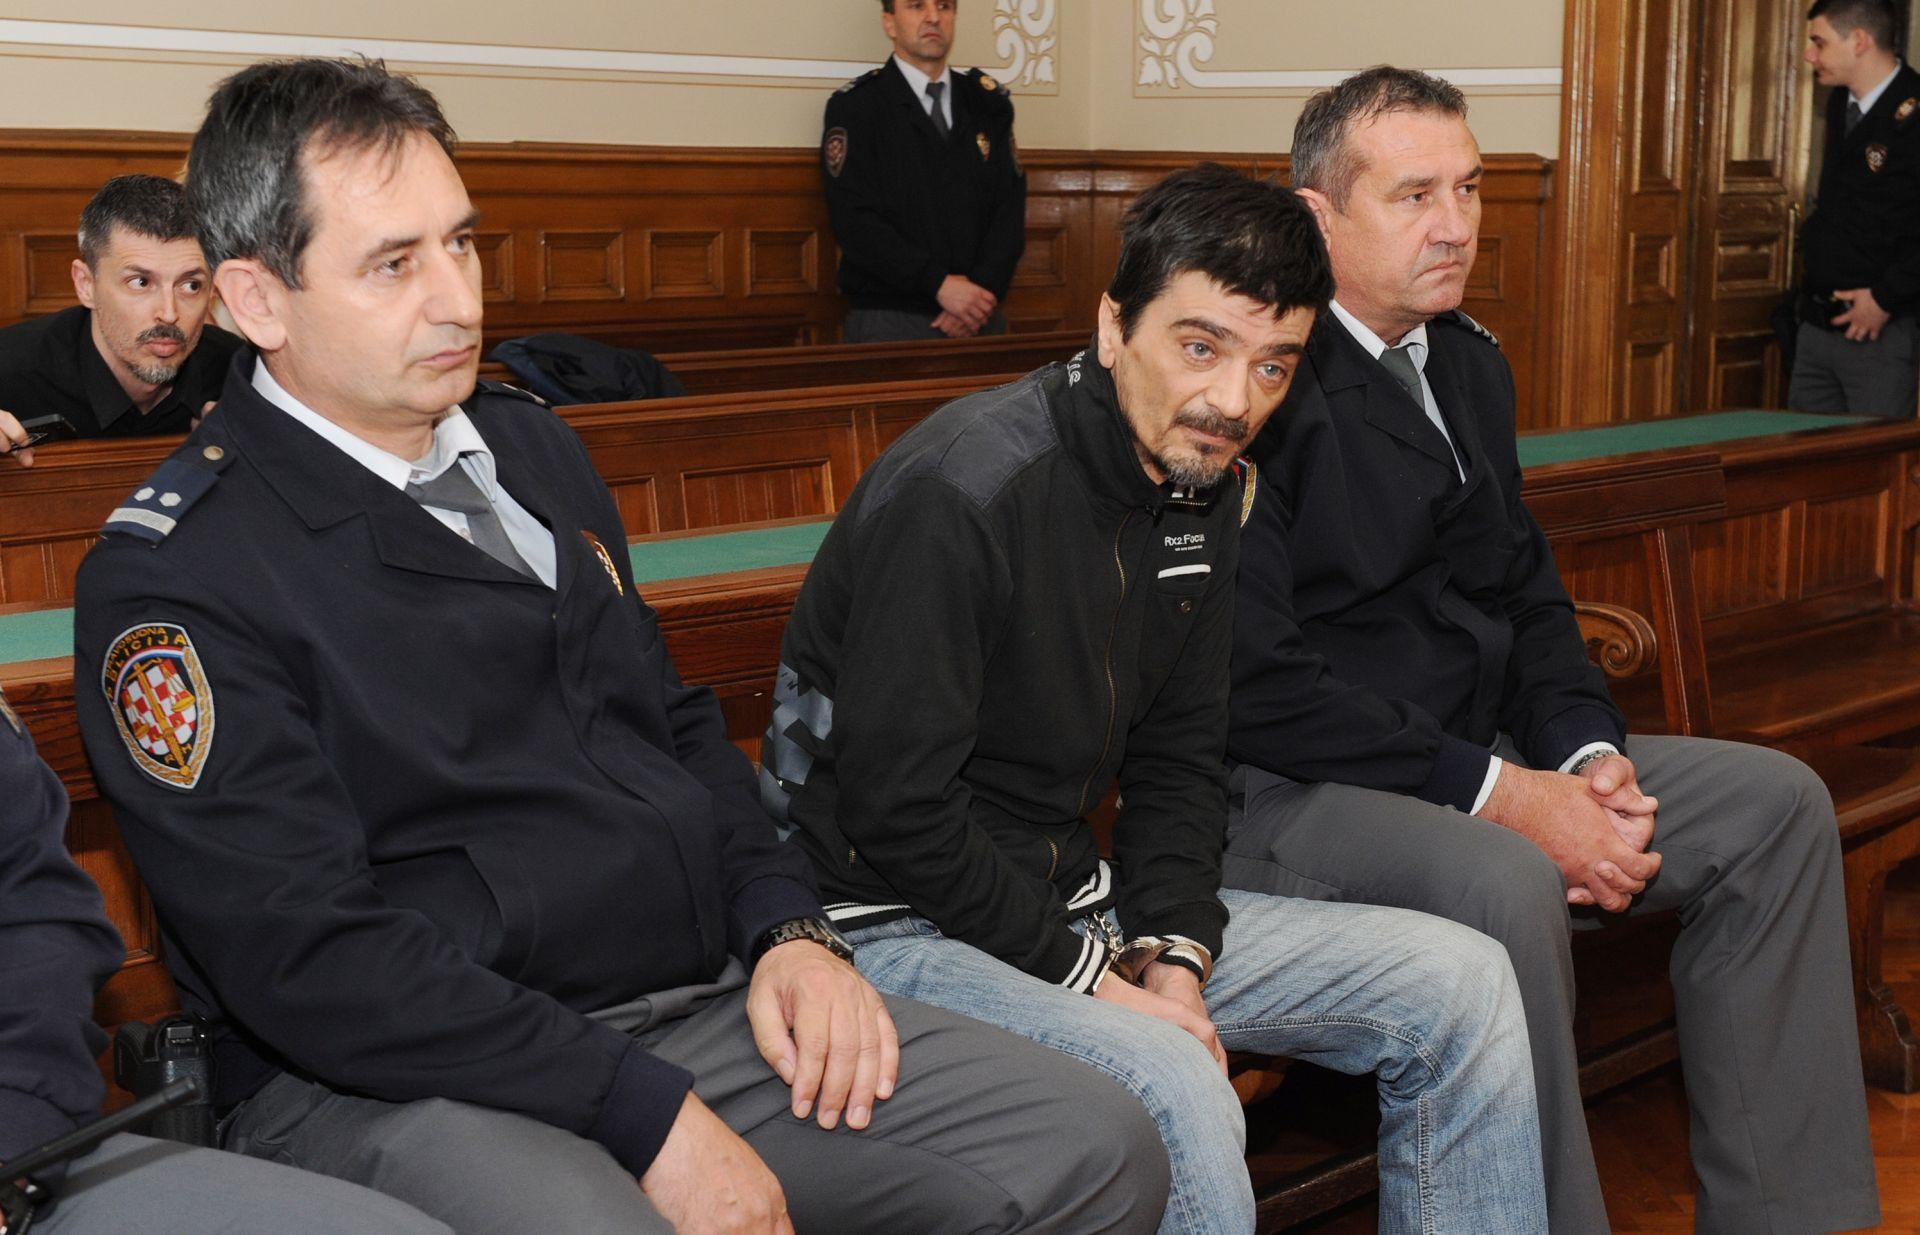 PREMJEŠTAJ U SPLITSKI ZATVOR: Dragan Paravinja dijeli zatvorsku ćeliju sa Kapetanom Draganom